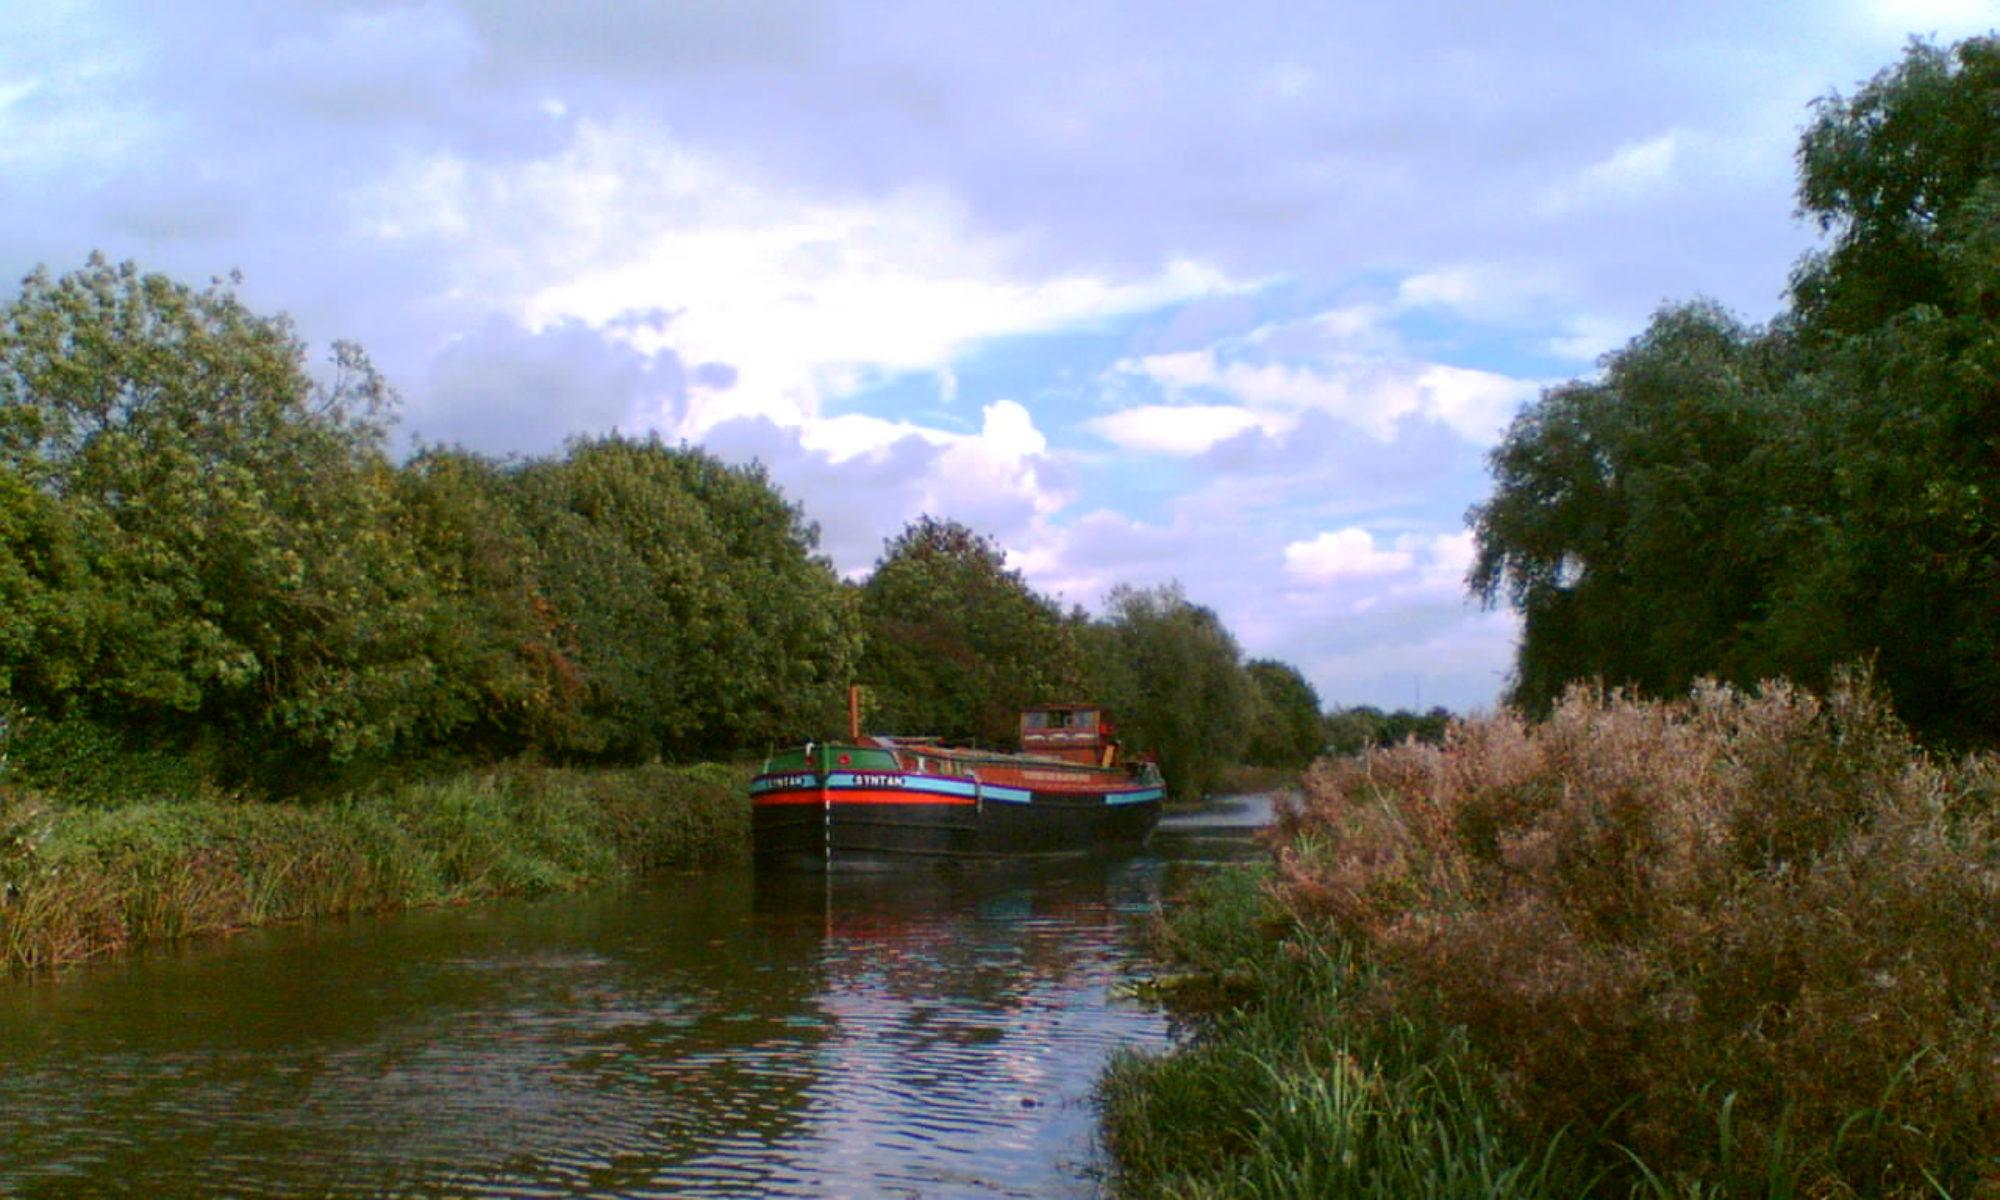 Beverley Beck Boating Association